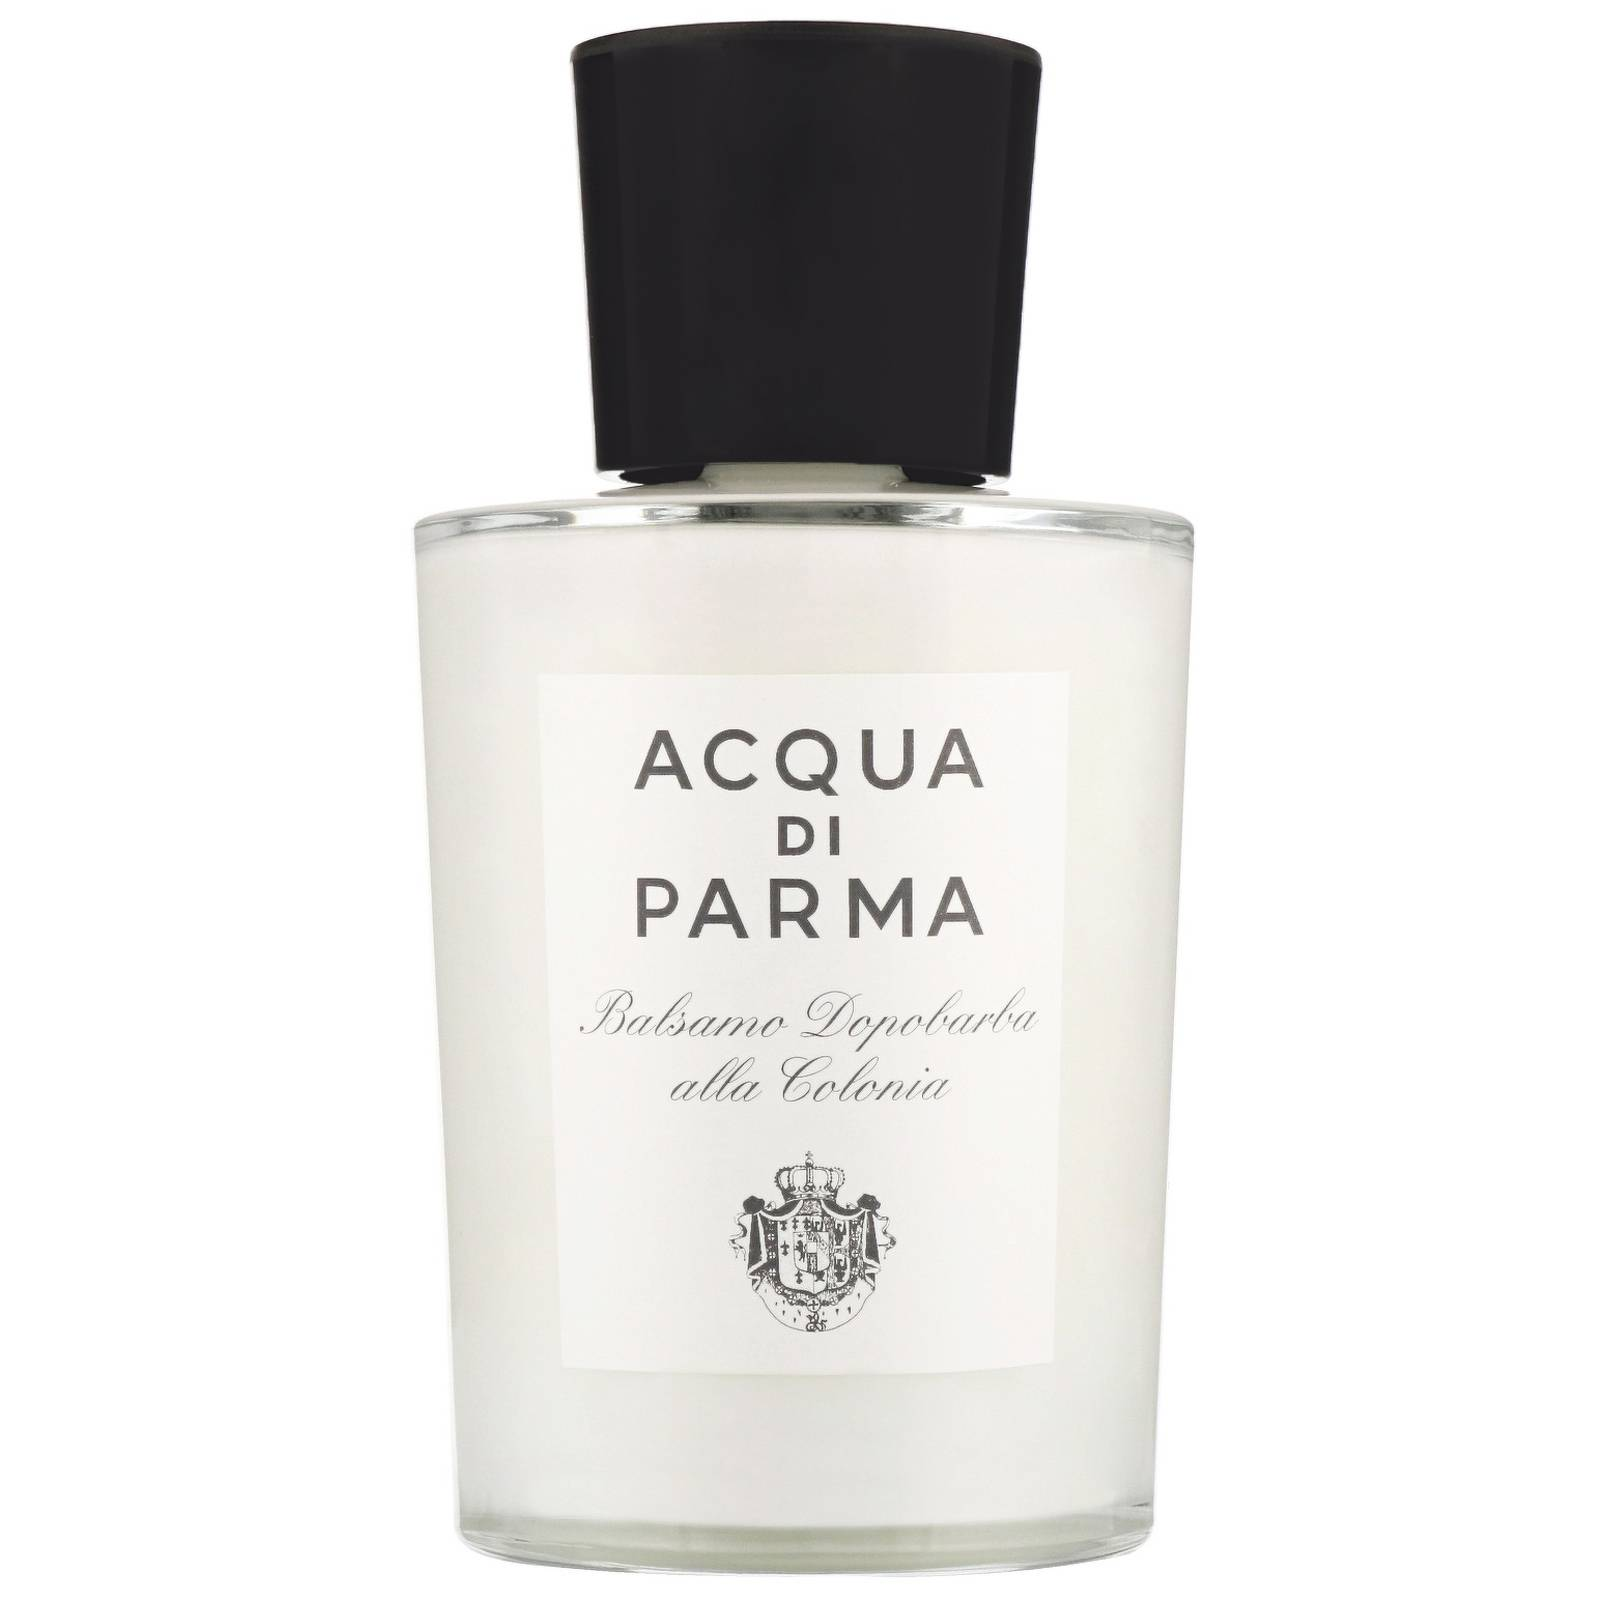 Acqua di Parma Colonia Doposanti Balsamo 100ml